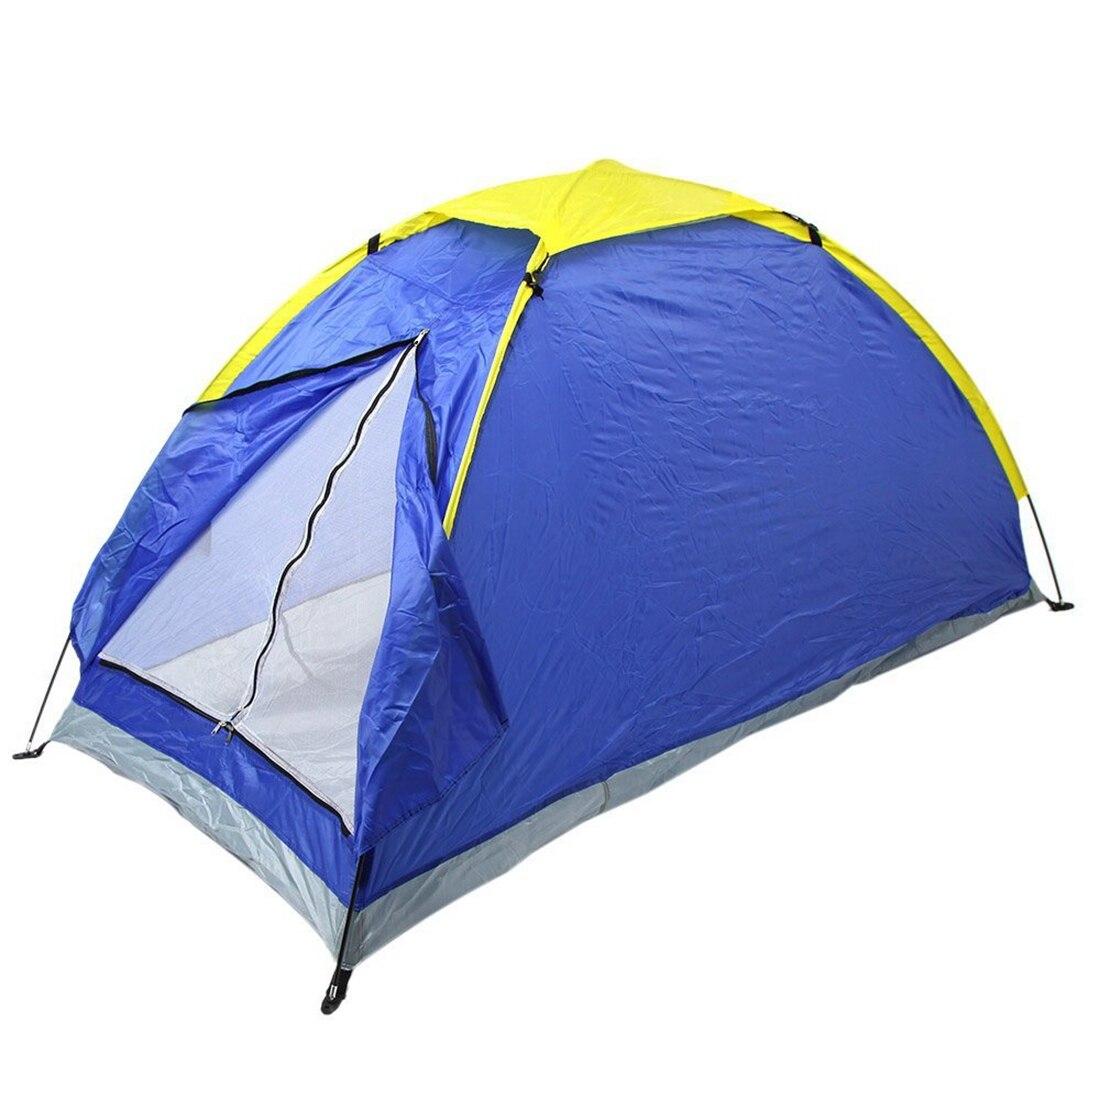 Tienda de campaña al aire libre para personas individuales tienda de campaña diseño azul tienda de playa pop up abierto 1-2 personas para camping Jardín de pesca